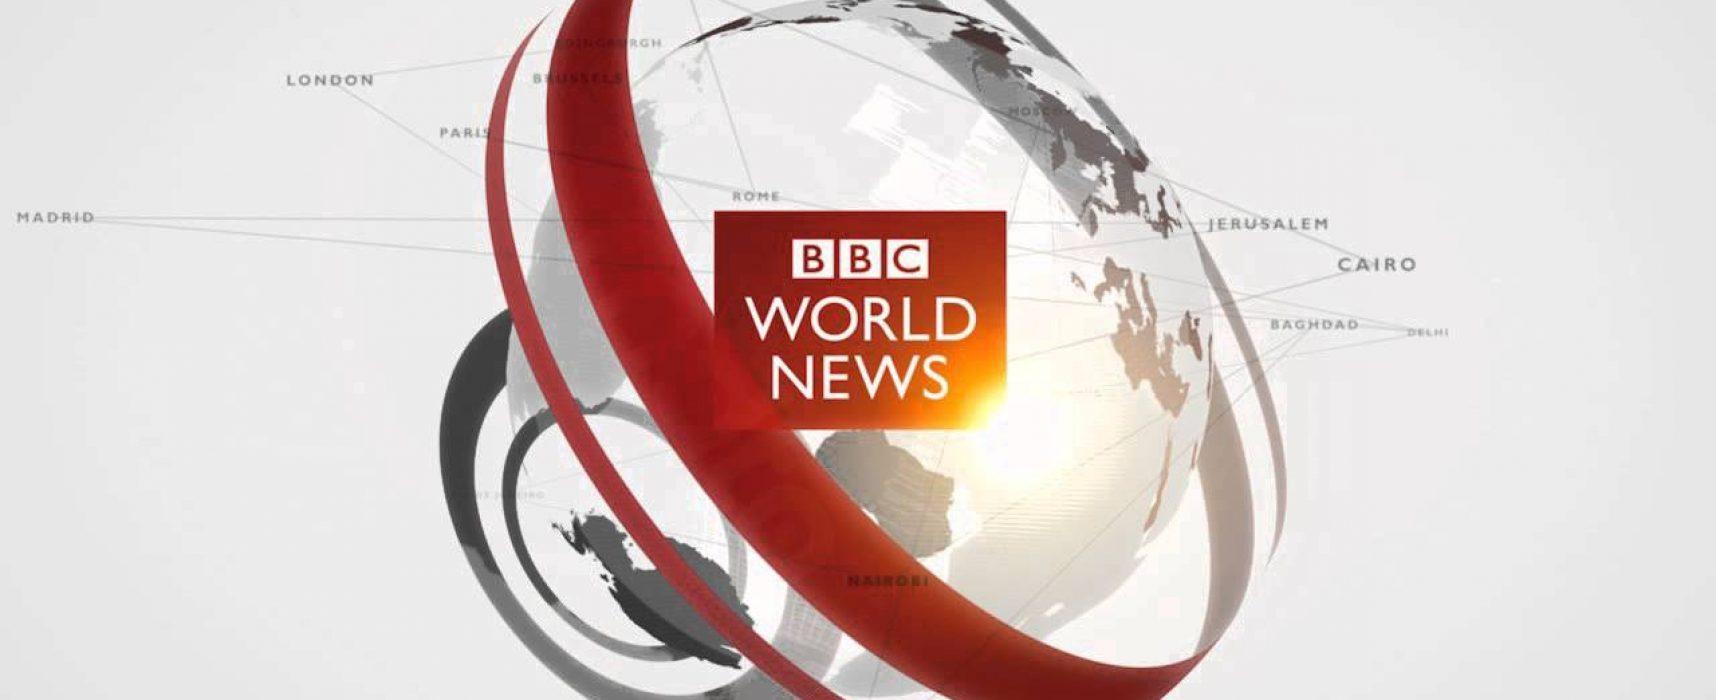 Роскомнадзор нашел нарушения в работе российского вещателя «Би-би-си»